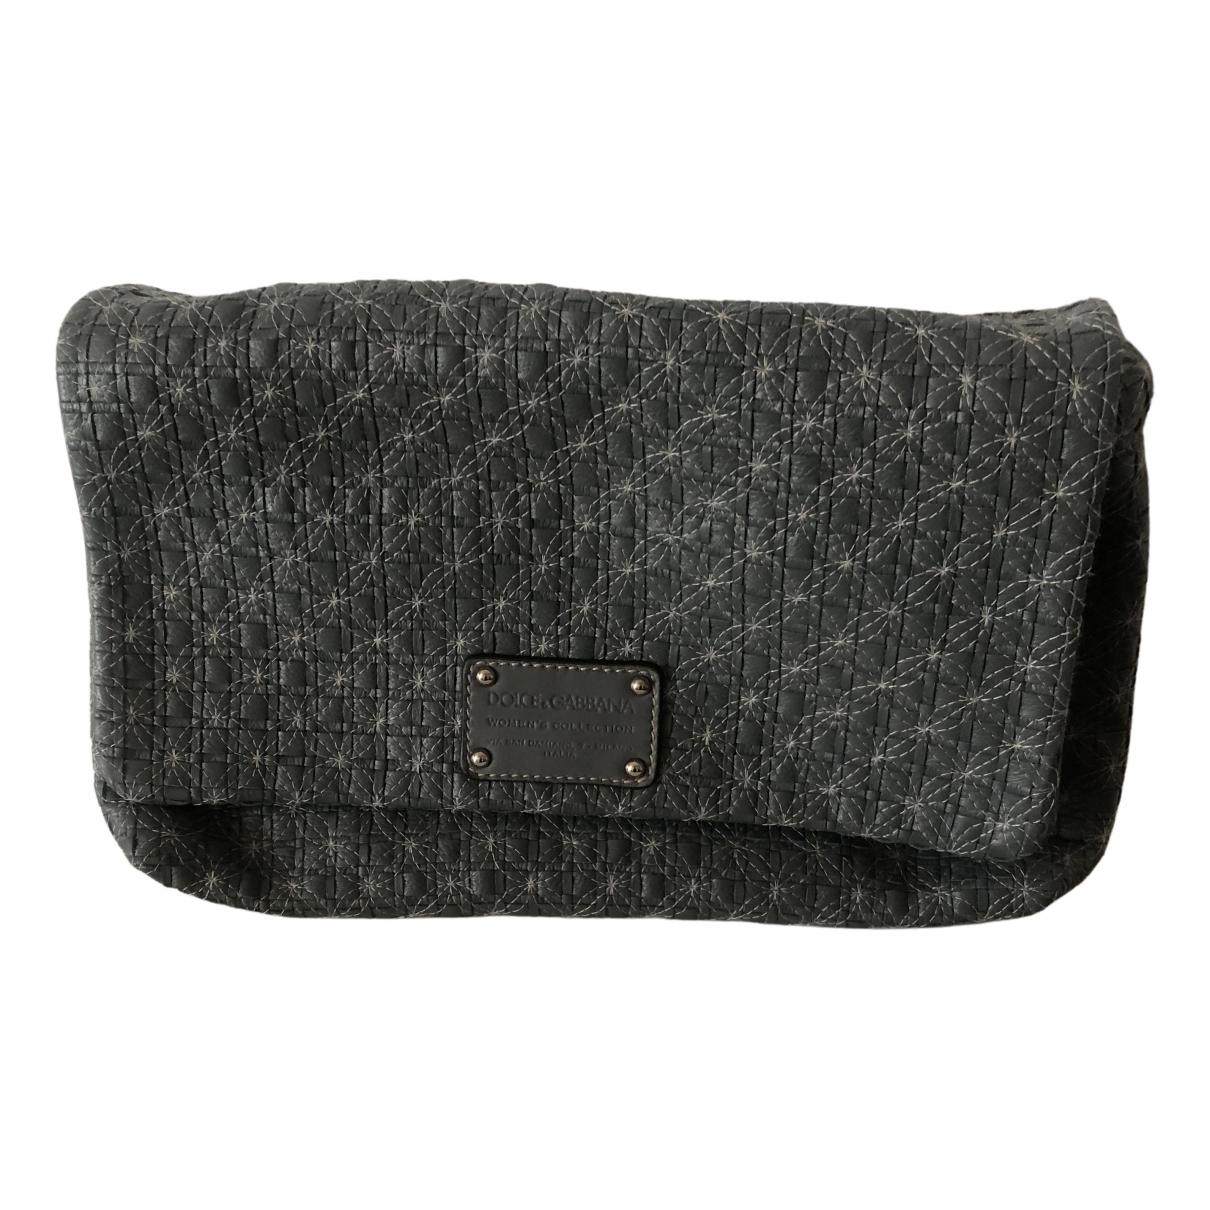 Dolce & Gabbana \N Clutch in  Grau Leder